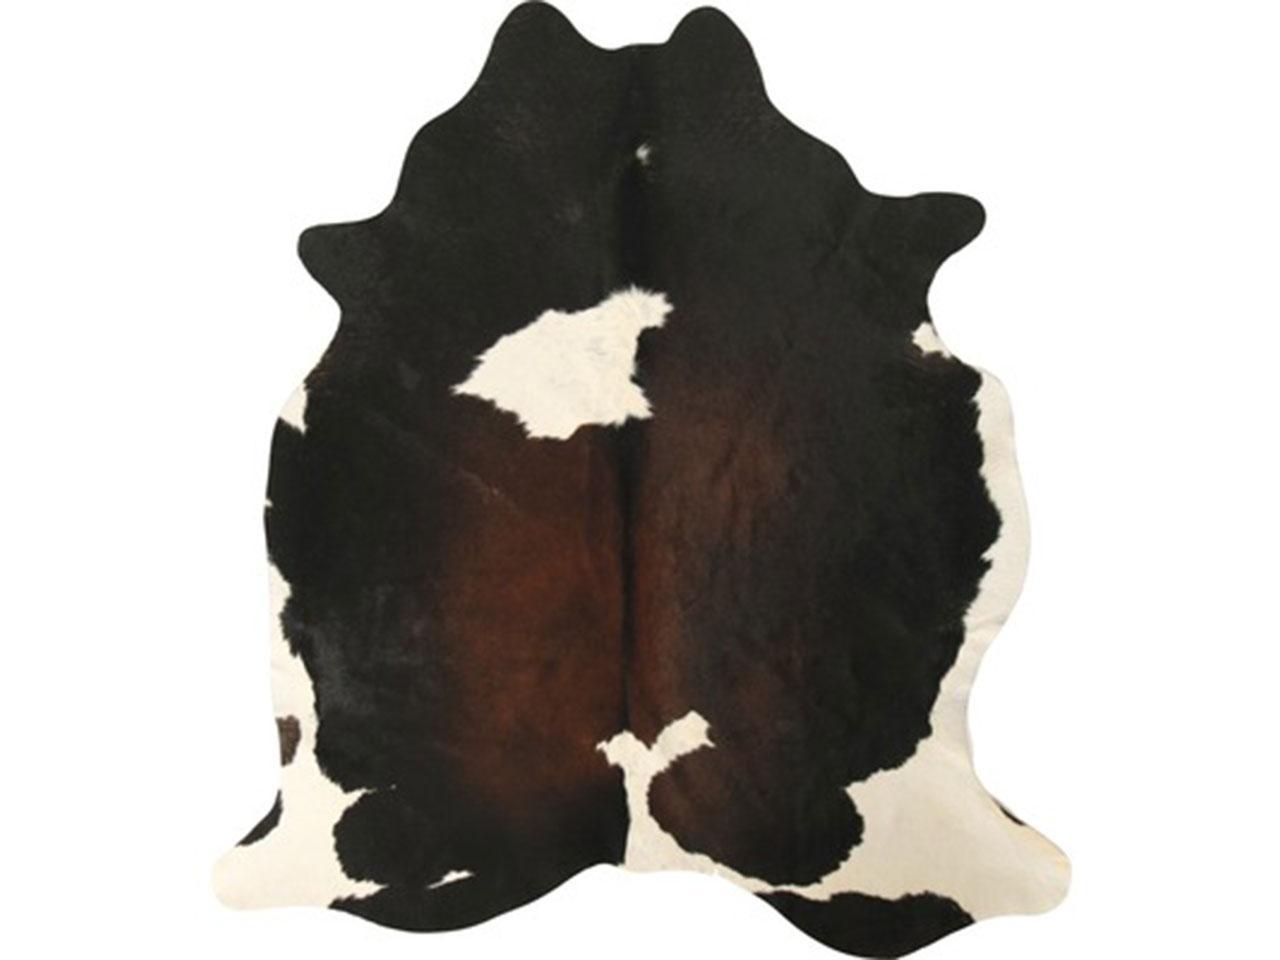 Hovězí kůže ESBECO, tmavě hnědá, od 3,6 do 4,4 m2